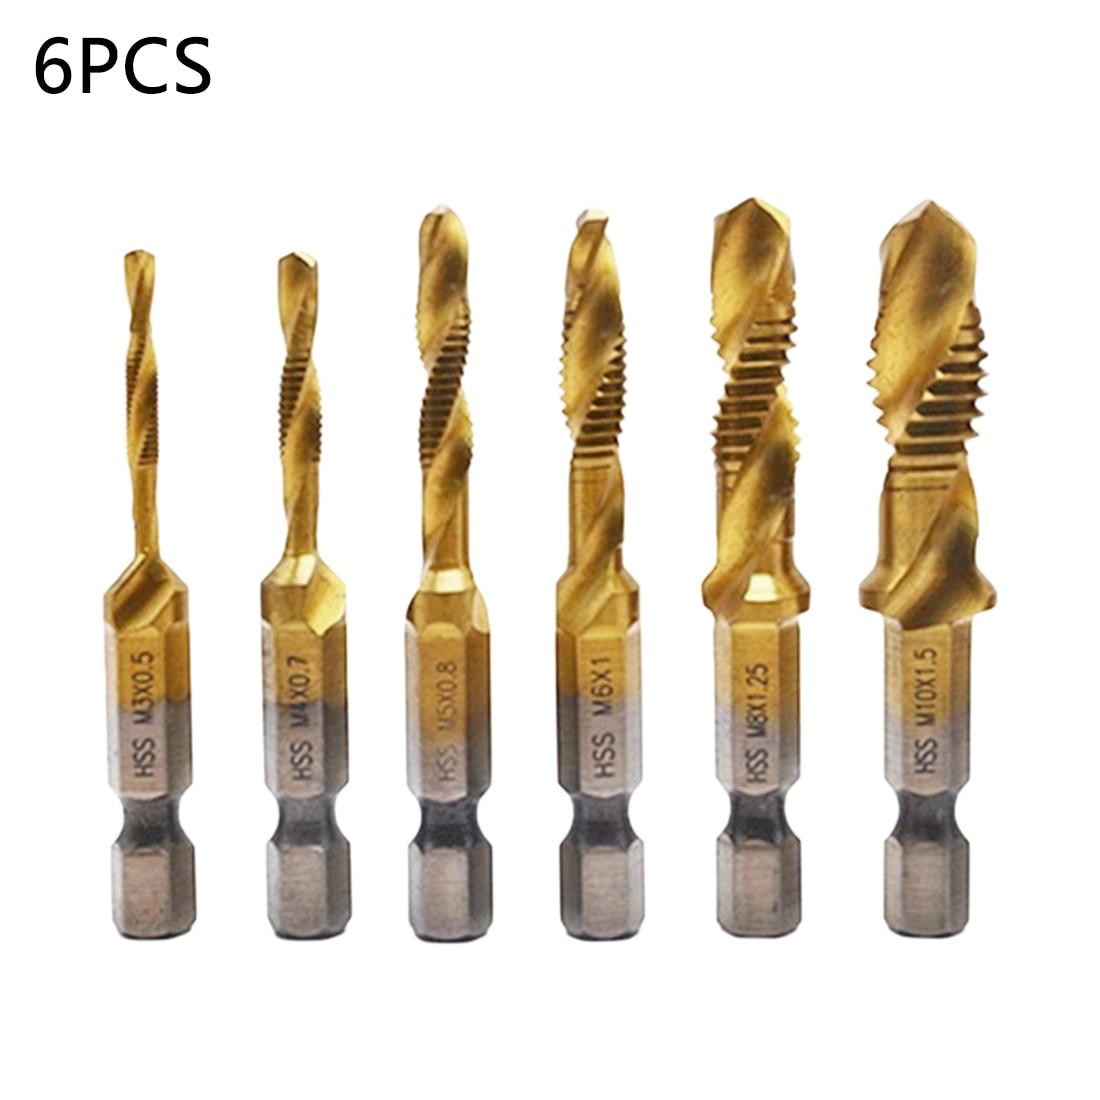 Handwerkzeuge 6 Teile/satz 1/4 hex Schaft Hss Hss Stahl Bohrer Bits Gewinde Spiral Schraube M3 M4 M5 M6 M8 M10 Metric Verbund Tippen Bohrer